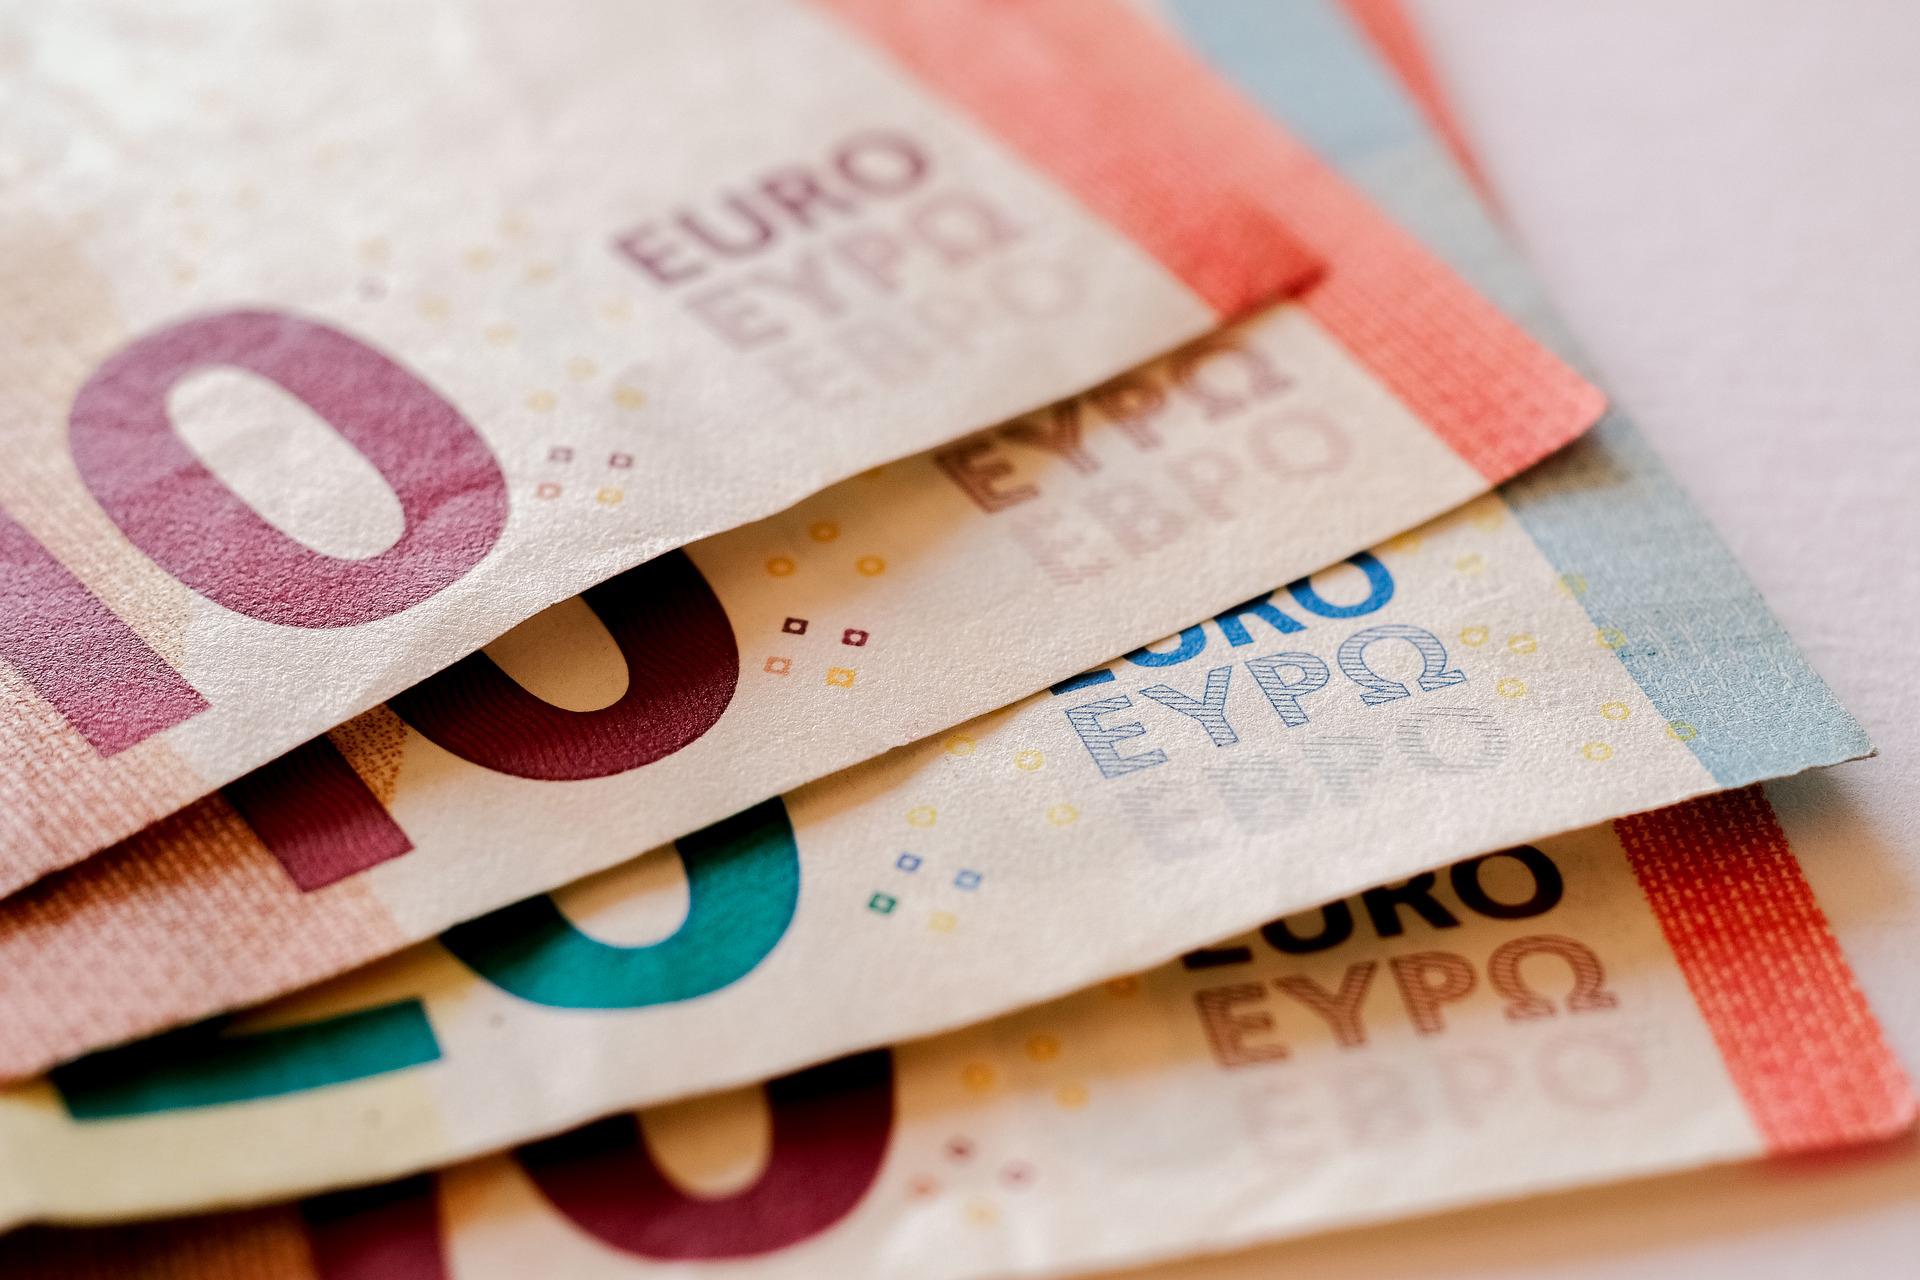 Is de fiscale eenheid vennootschapsbelasting nog aantrekkelijk?